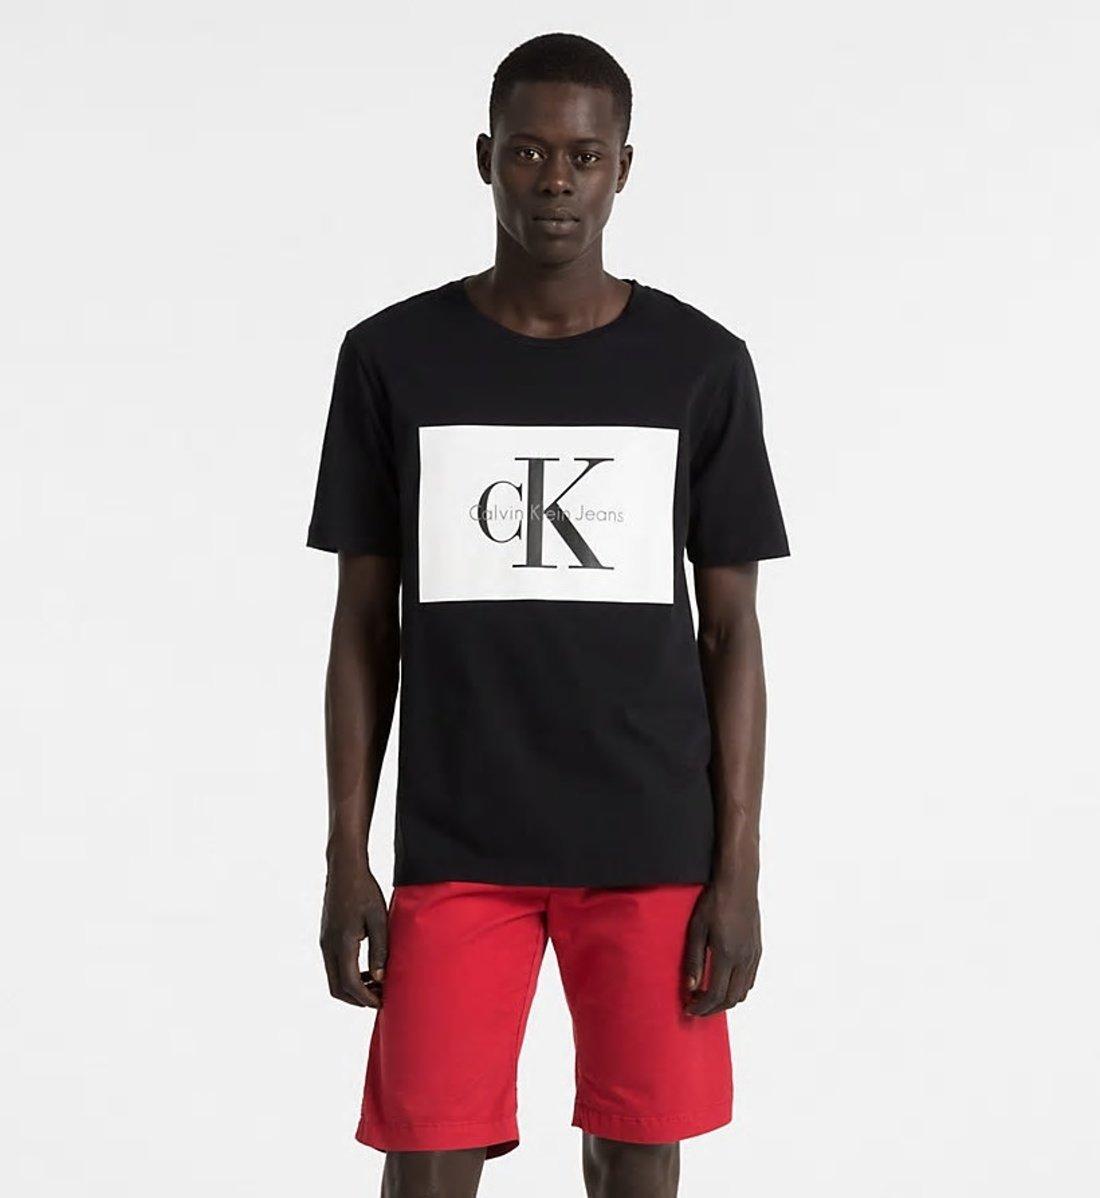 2d9684f0b ... Klein pánské černé tričko s potiskem. -30%. Calvin ...